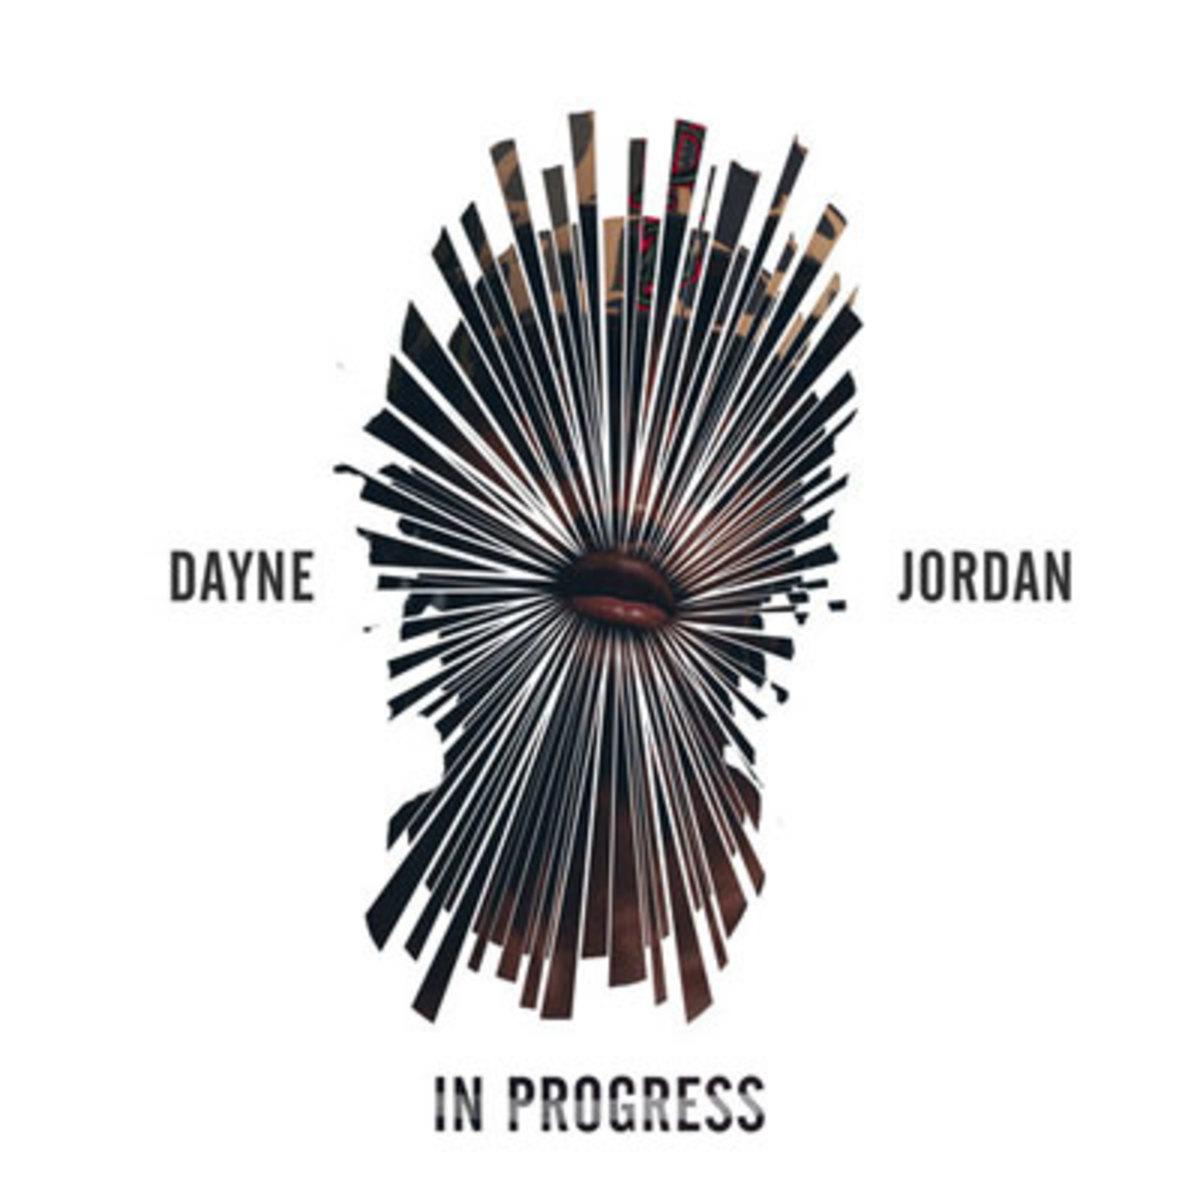 daynejordan-inprogress.jpg